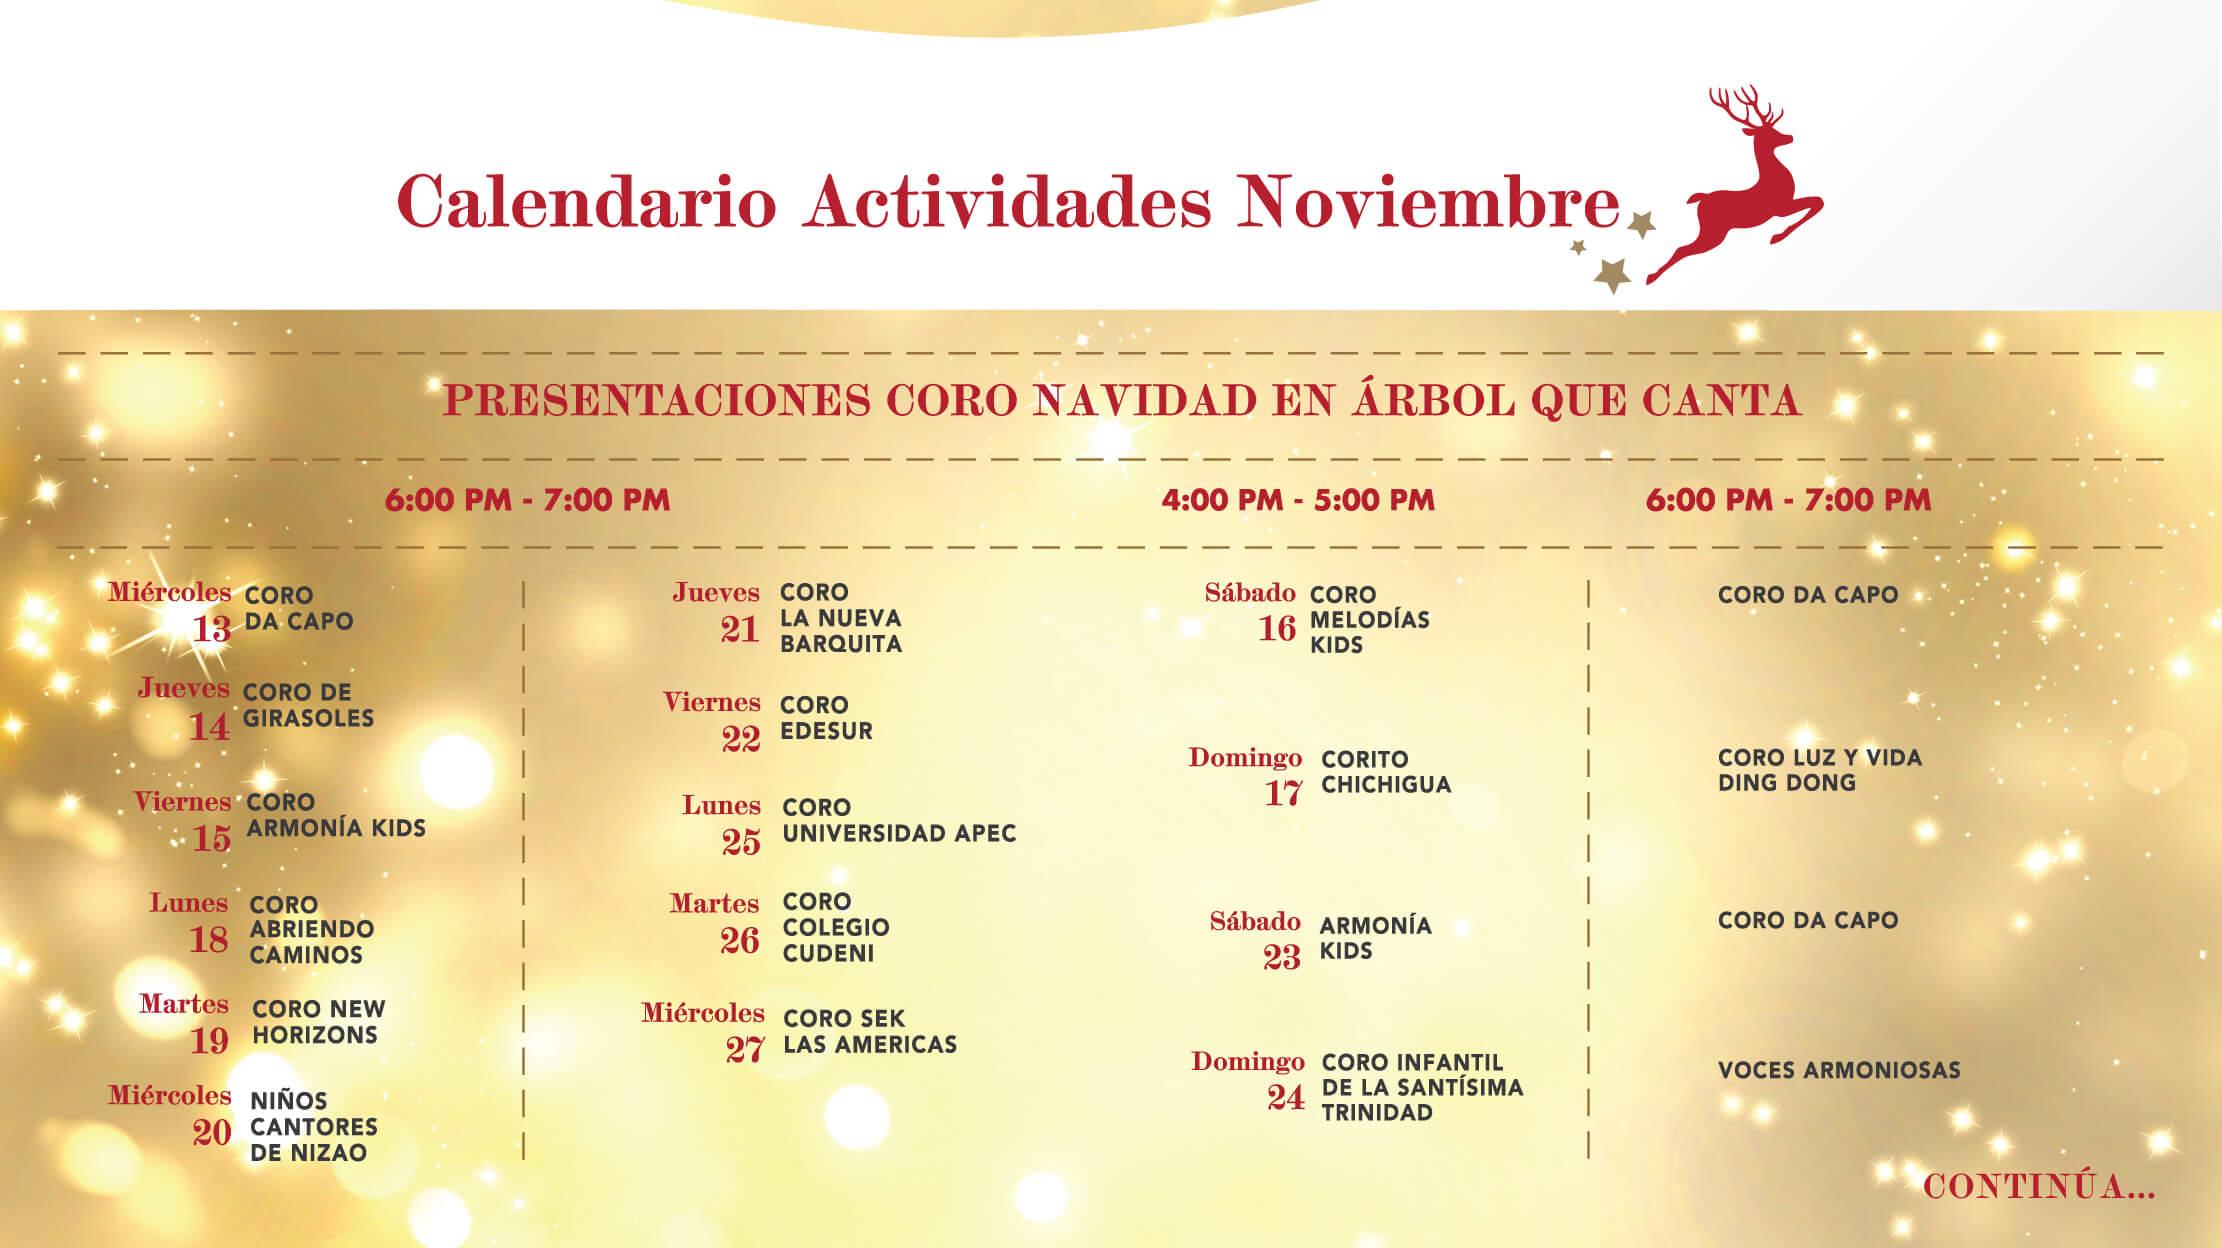 Calendario #1